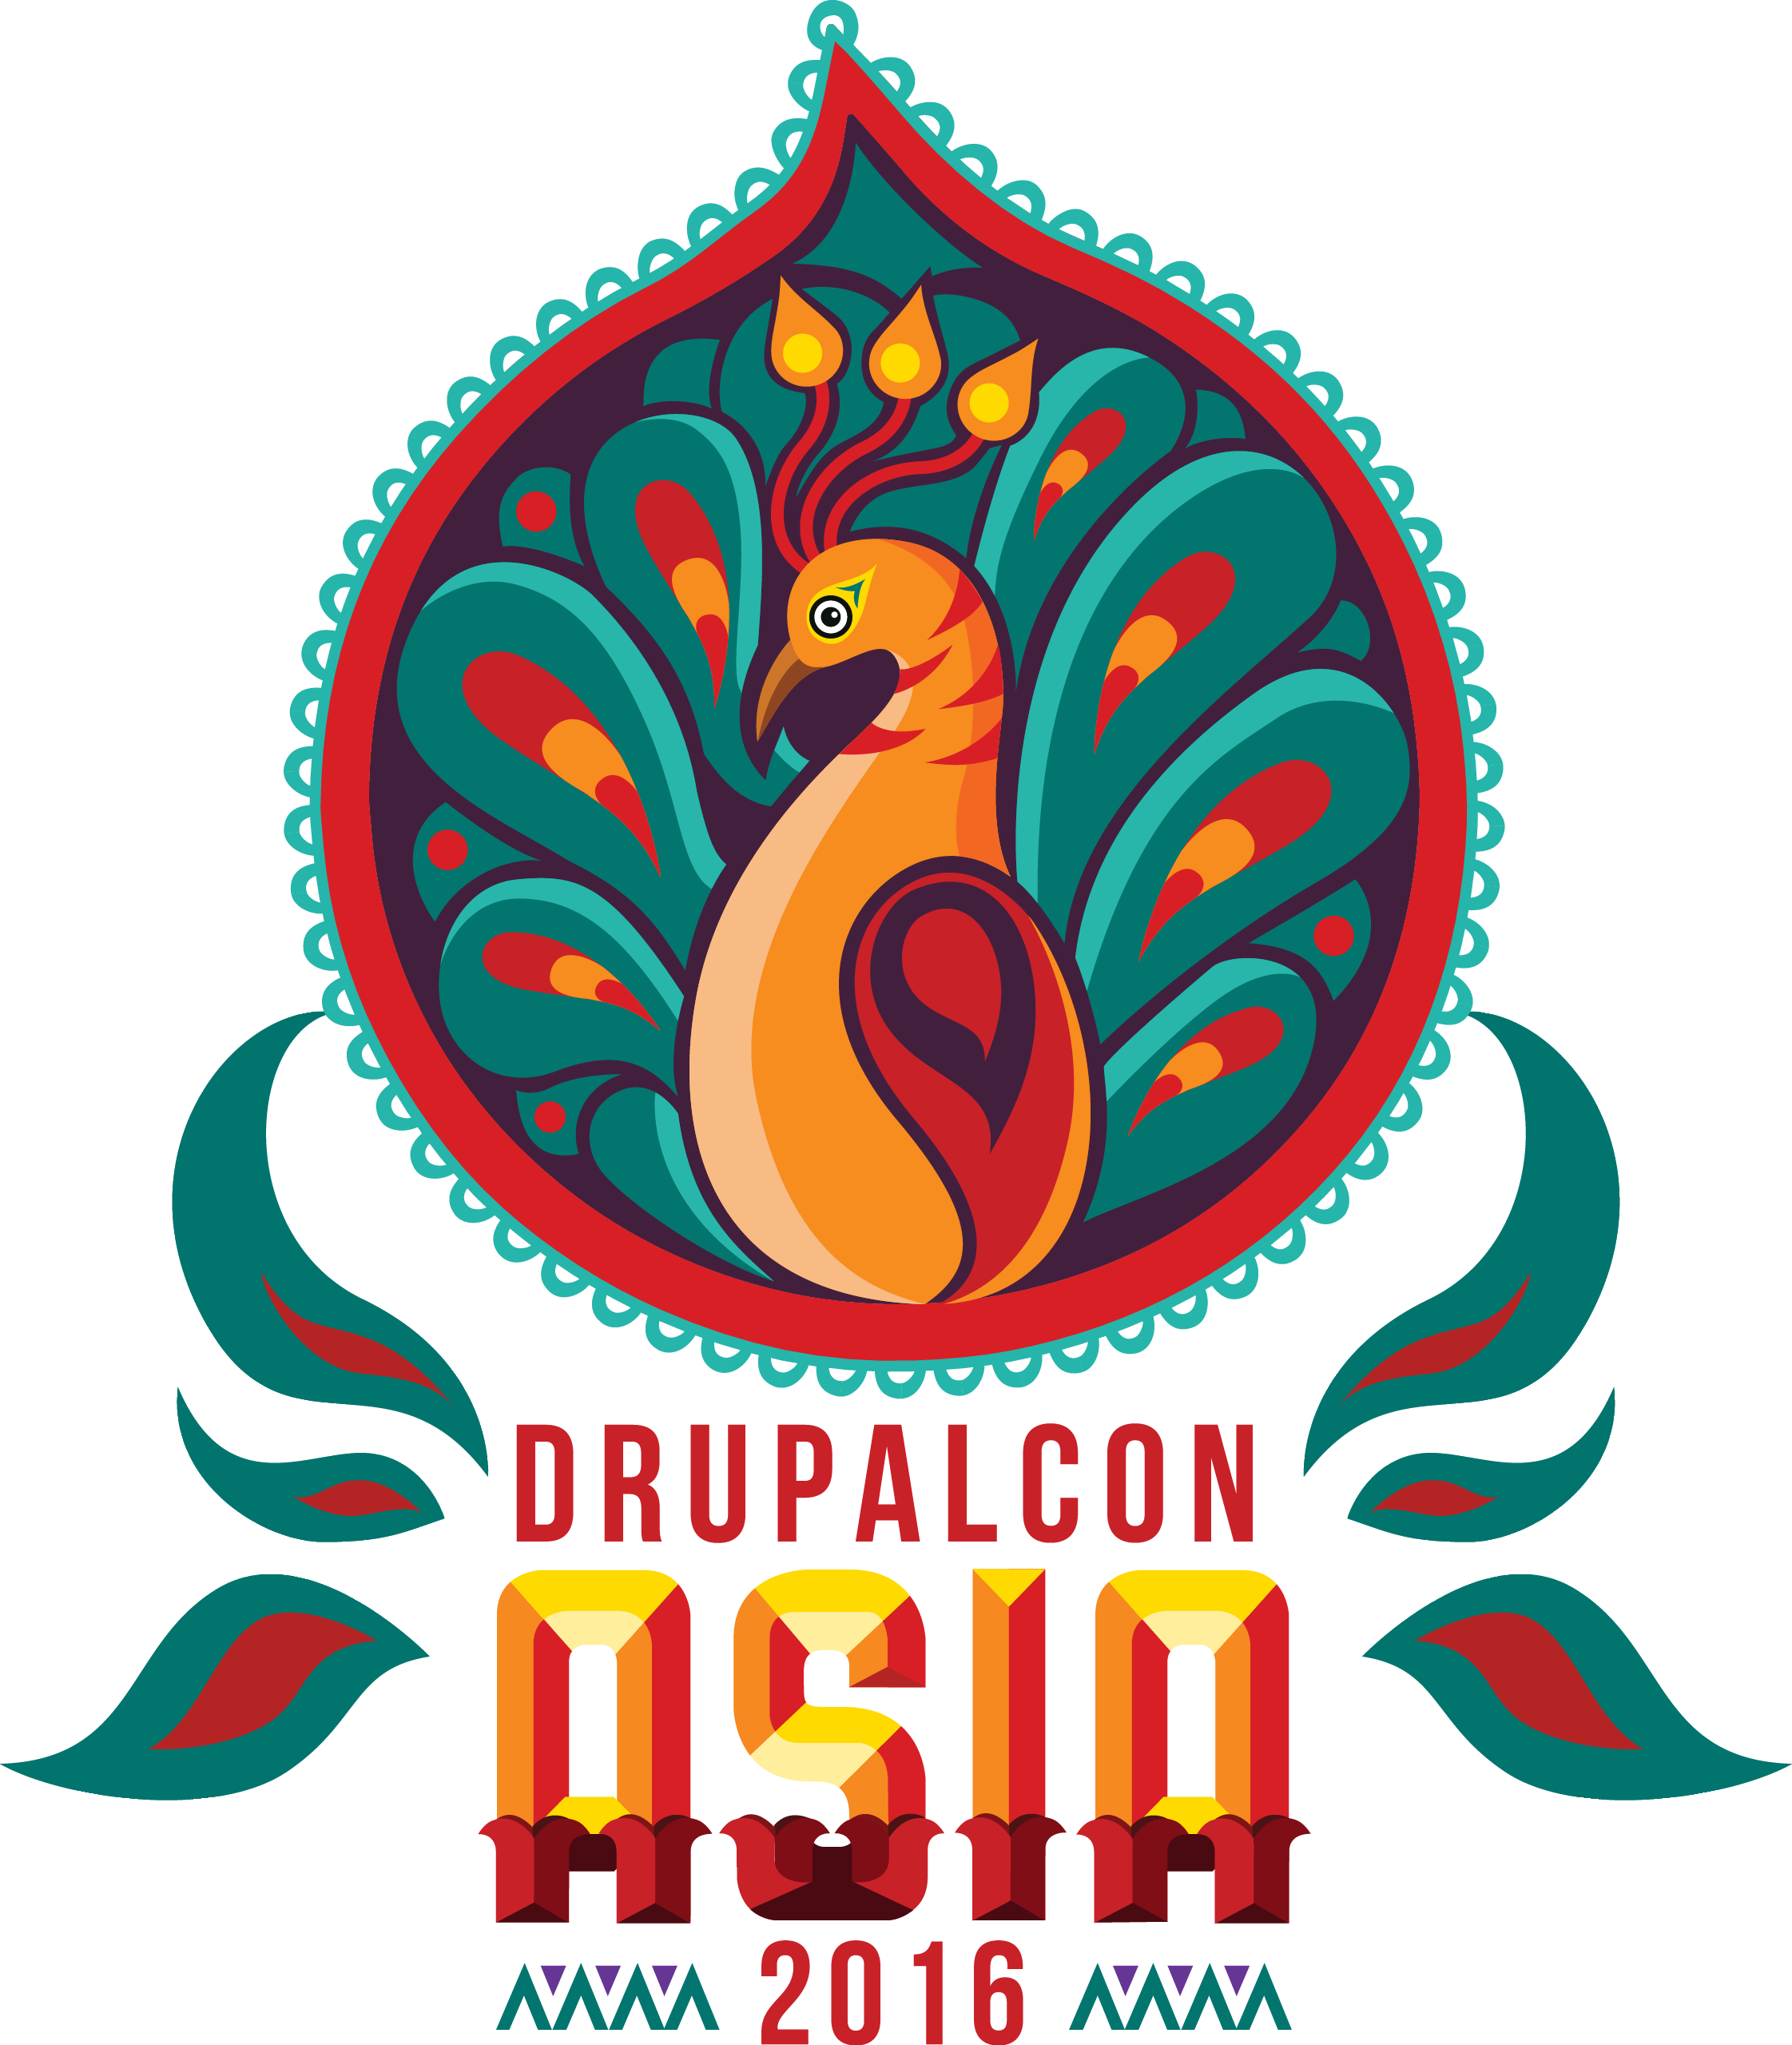 DrupalCon Asia Invitation